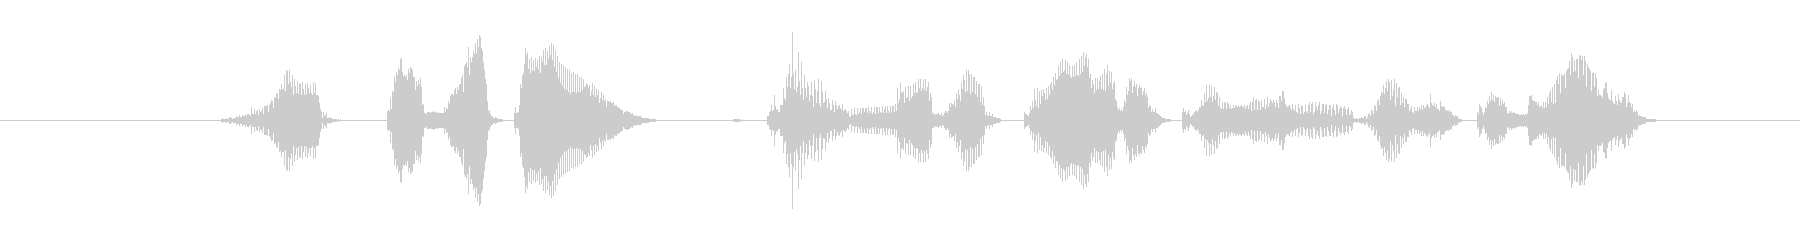 グッドボタンチャンネル登録もよろしくなの未再生の波形